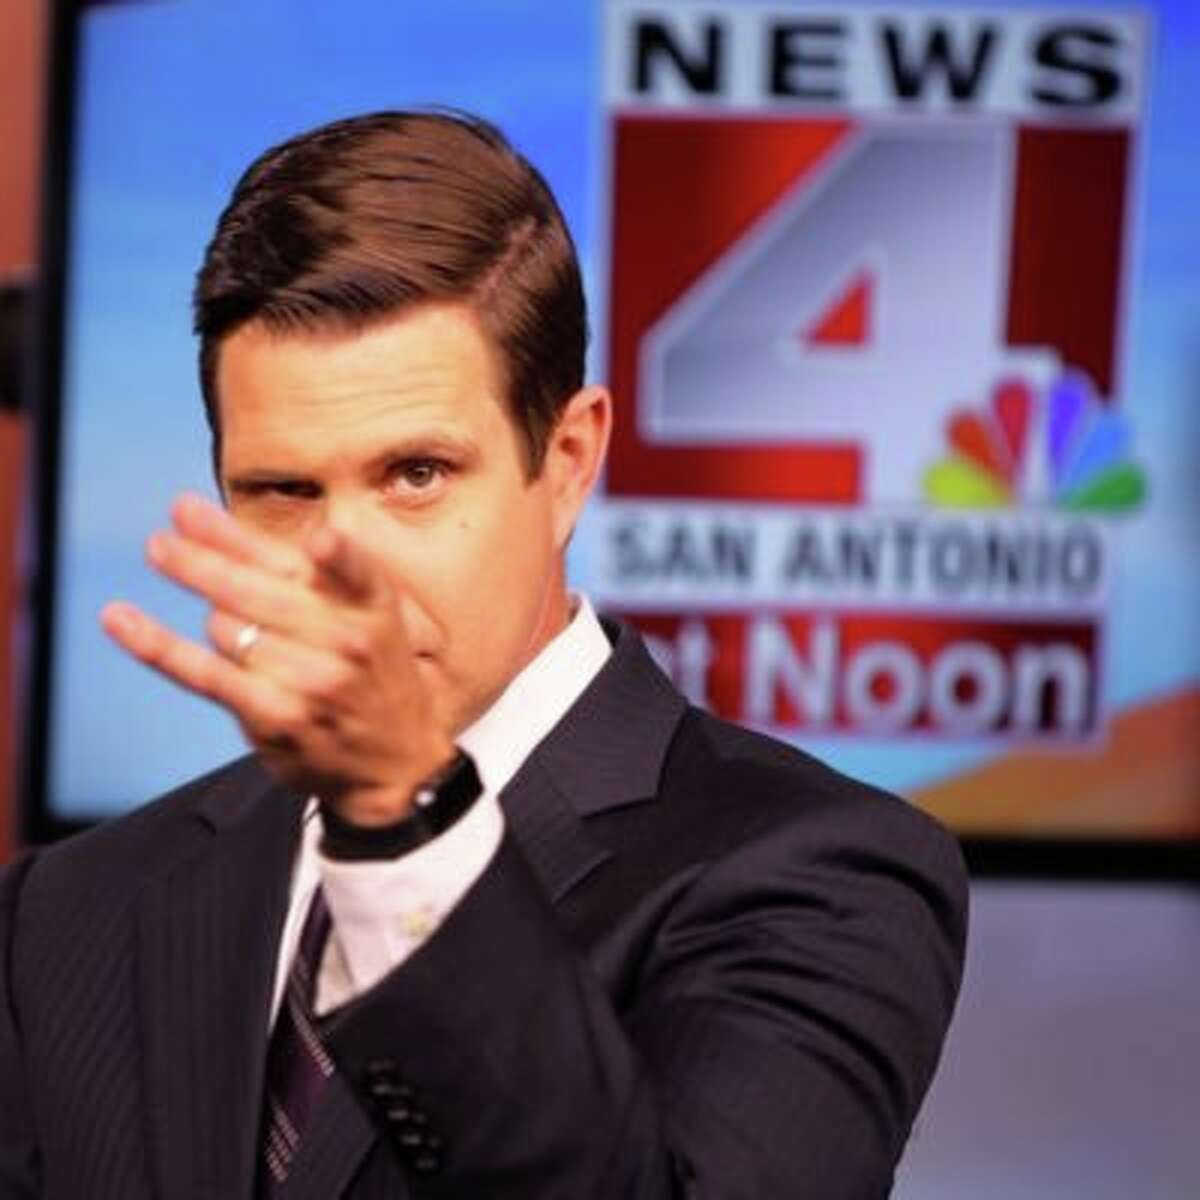 News 4 San Antonio anchor David Chancellor